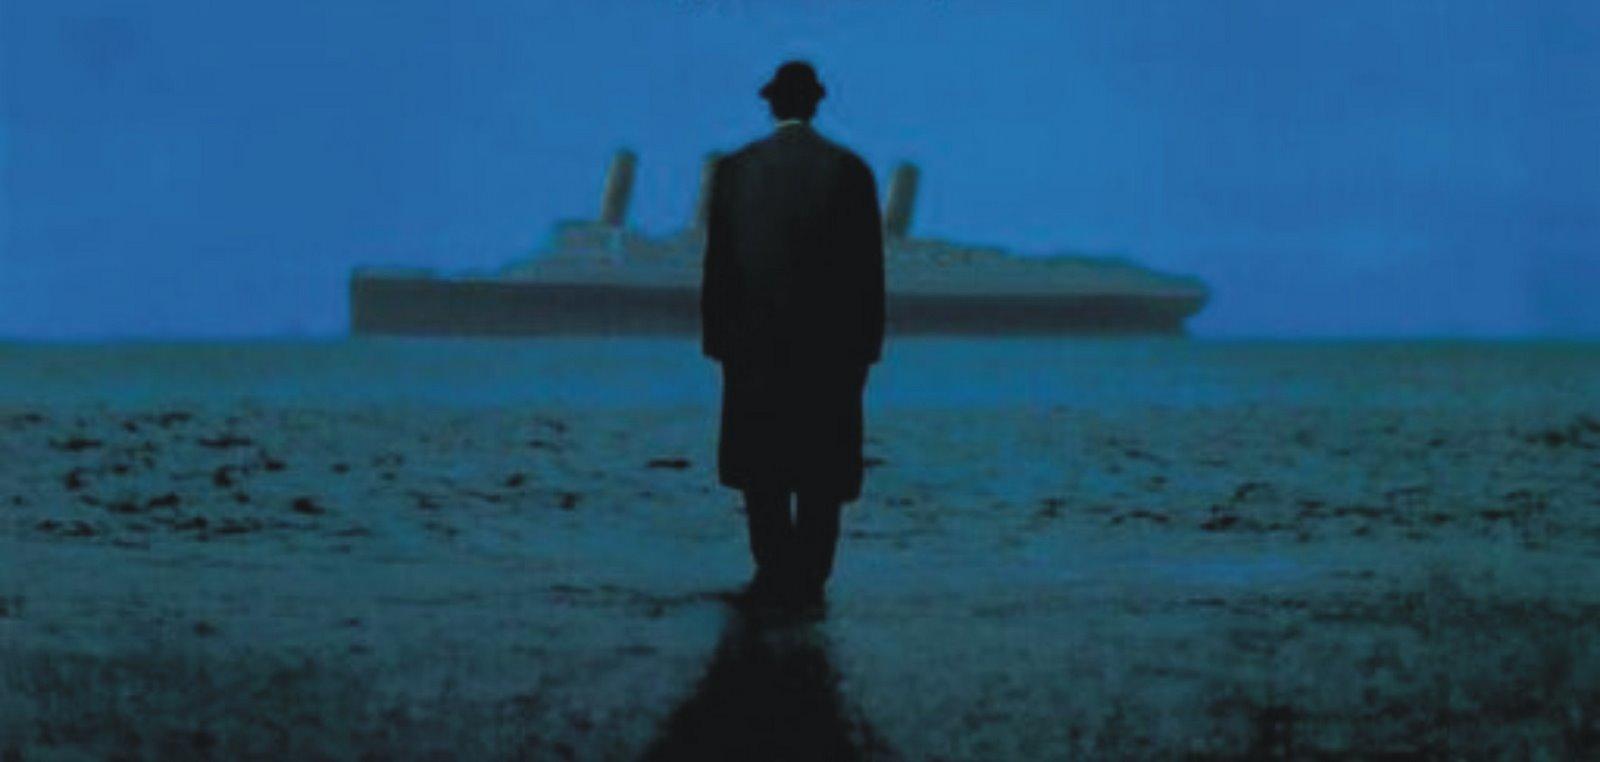 Filmes Sobre Musicos for 12 filmes sobre músicos que você precisa assistir – cineplot